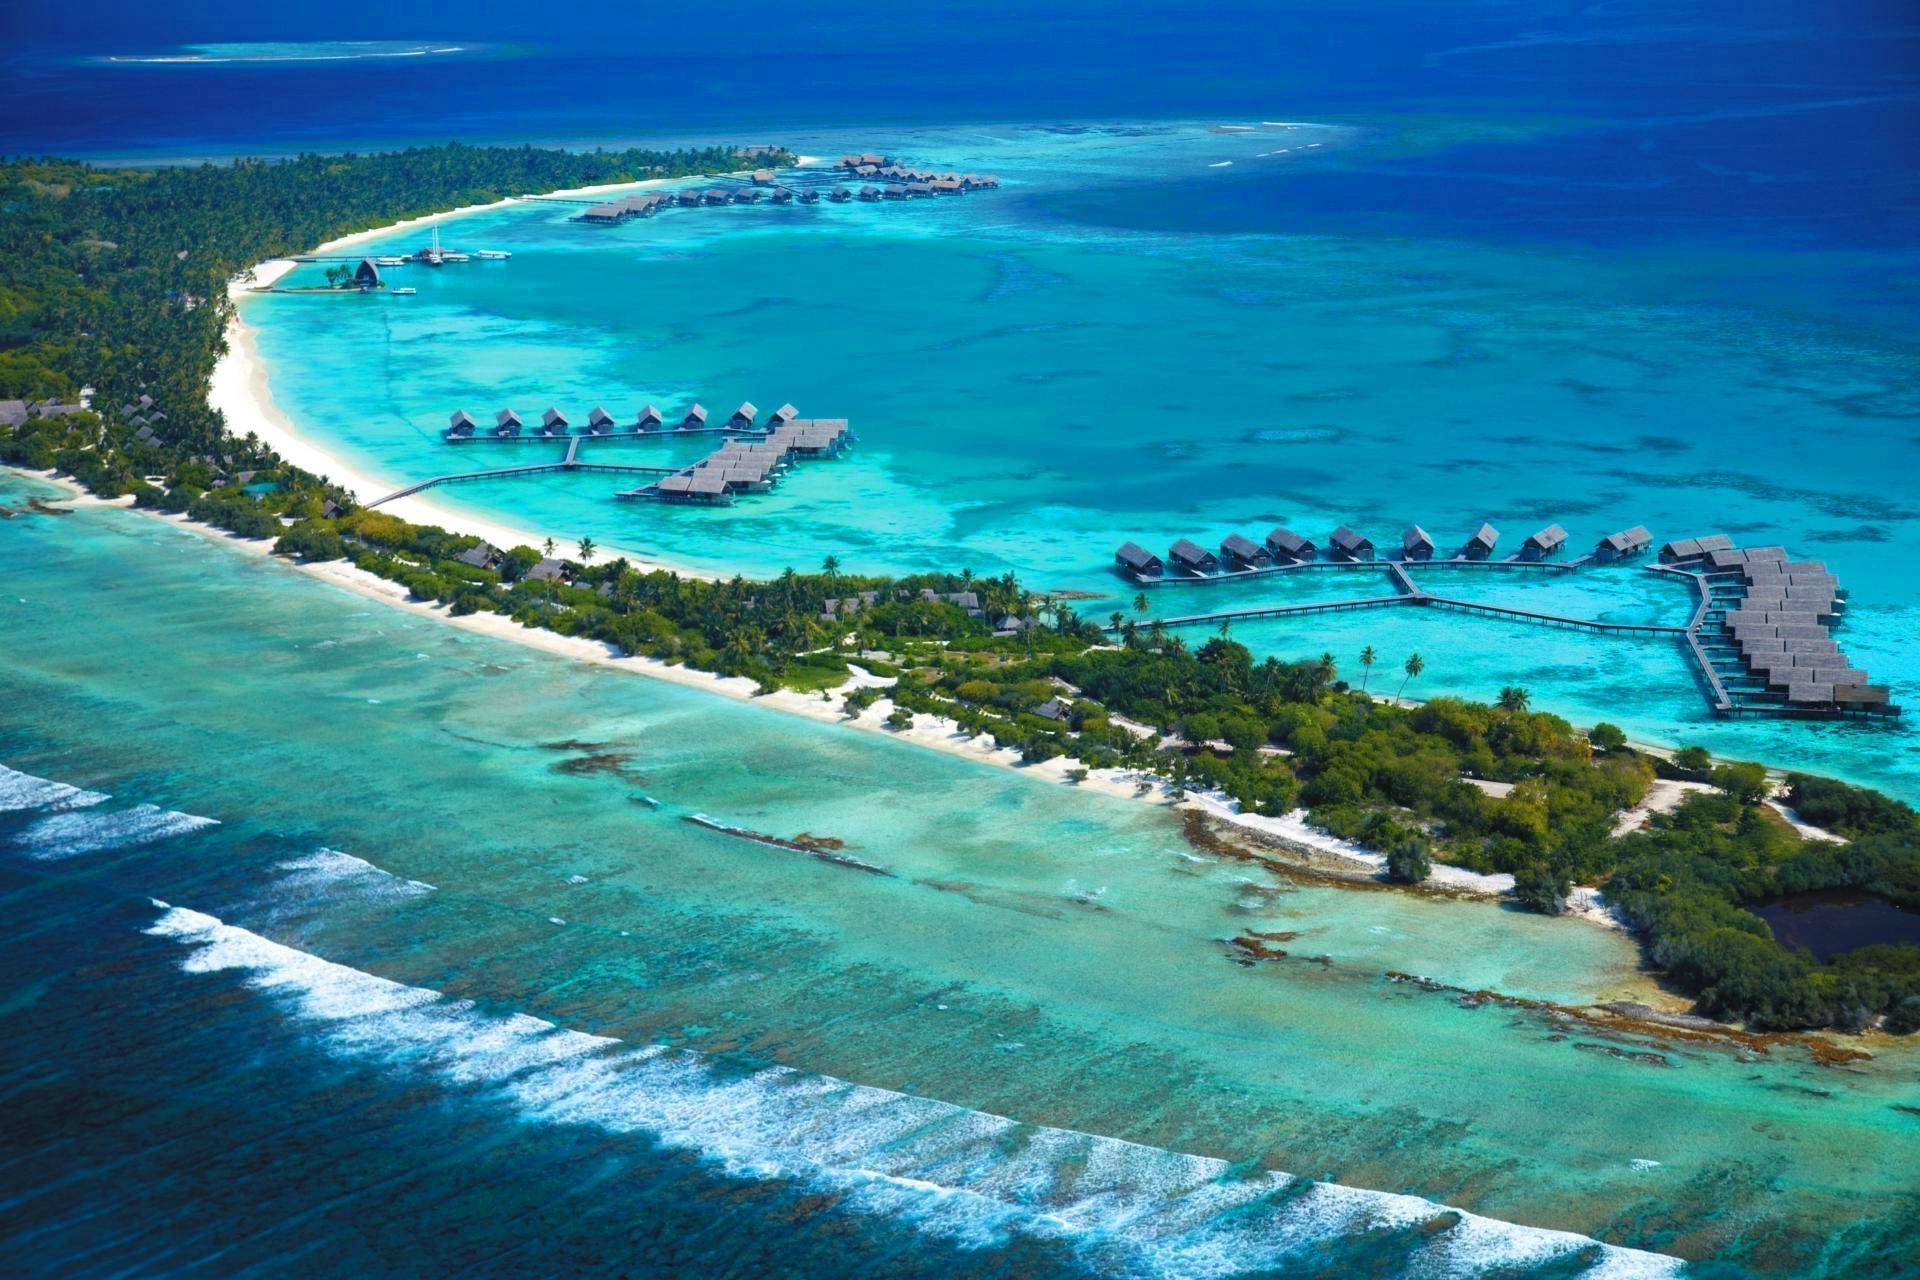 Картинки островов с описанием